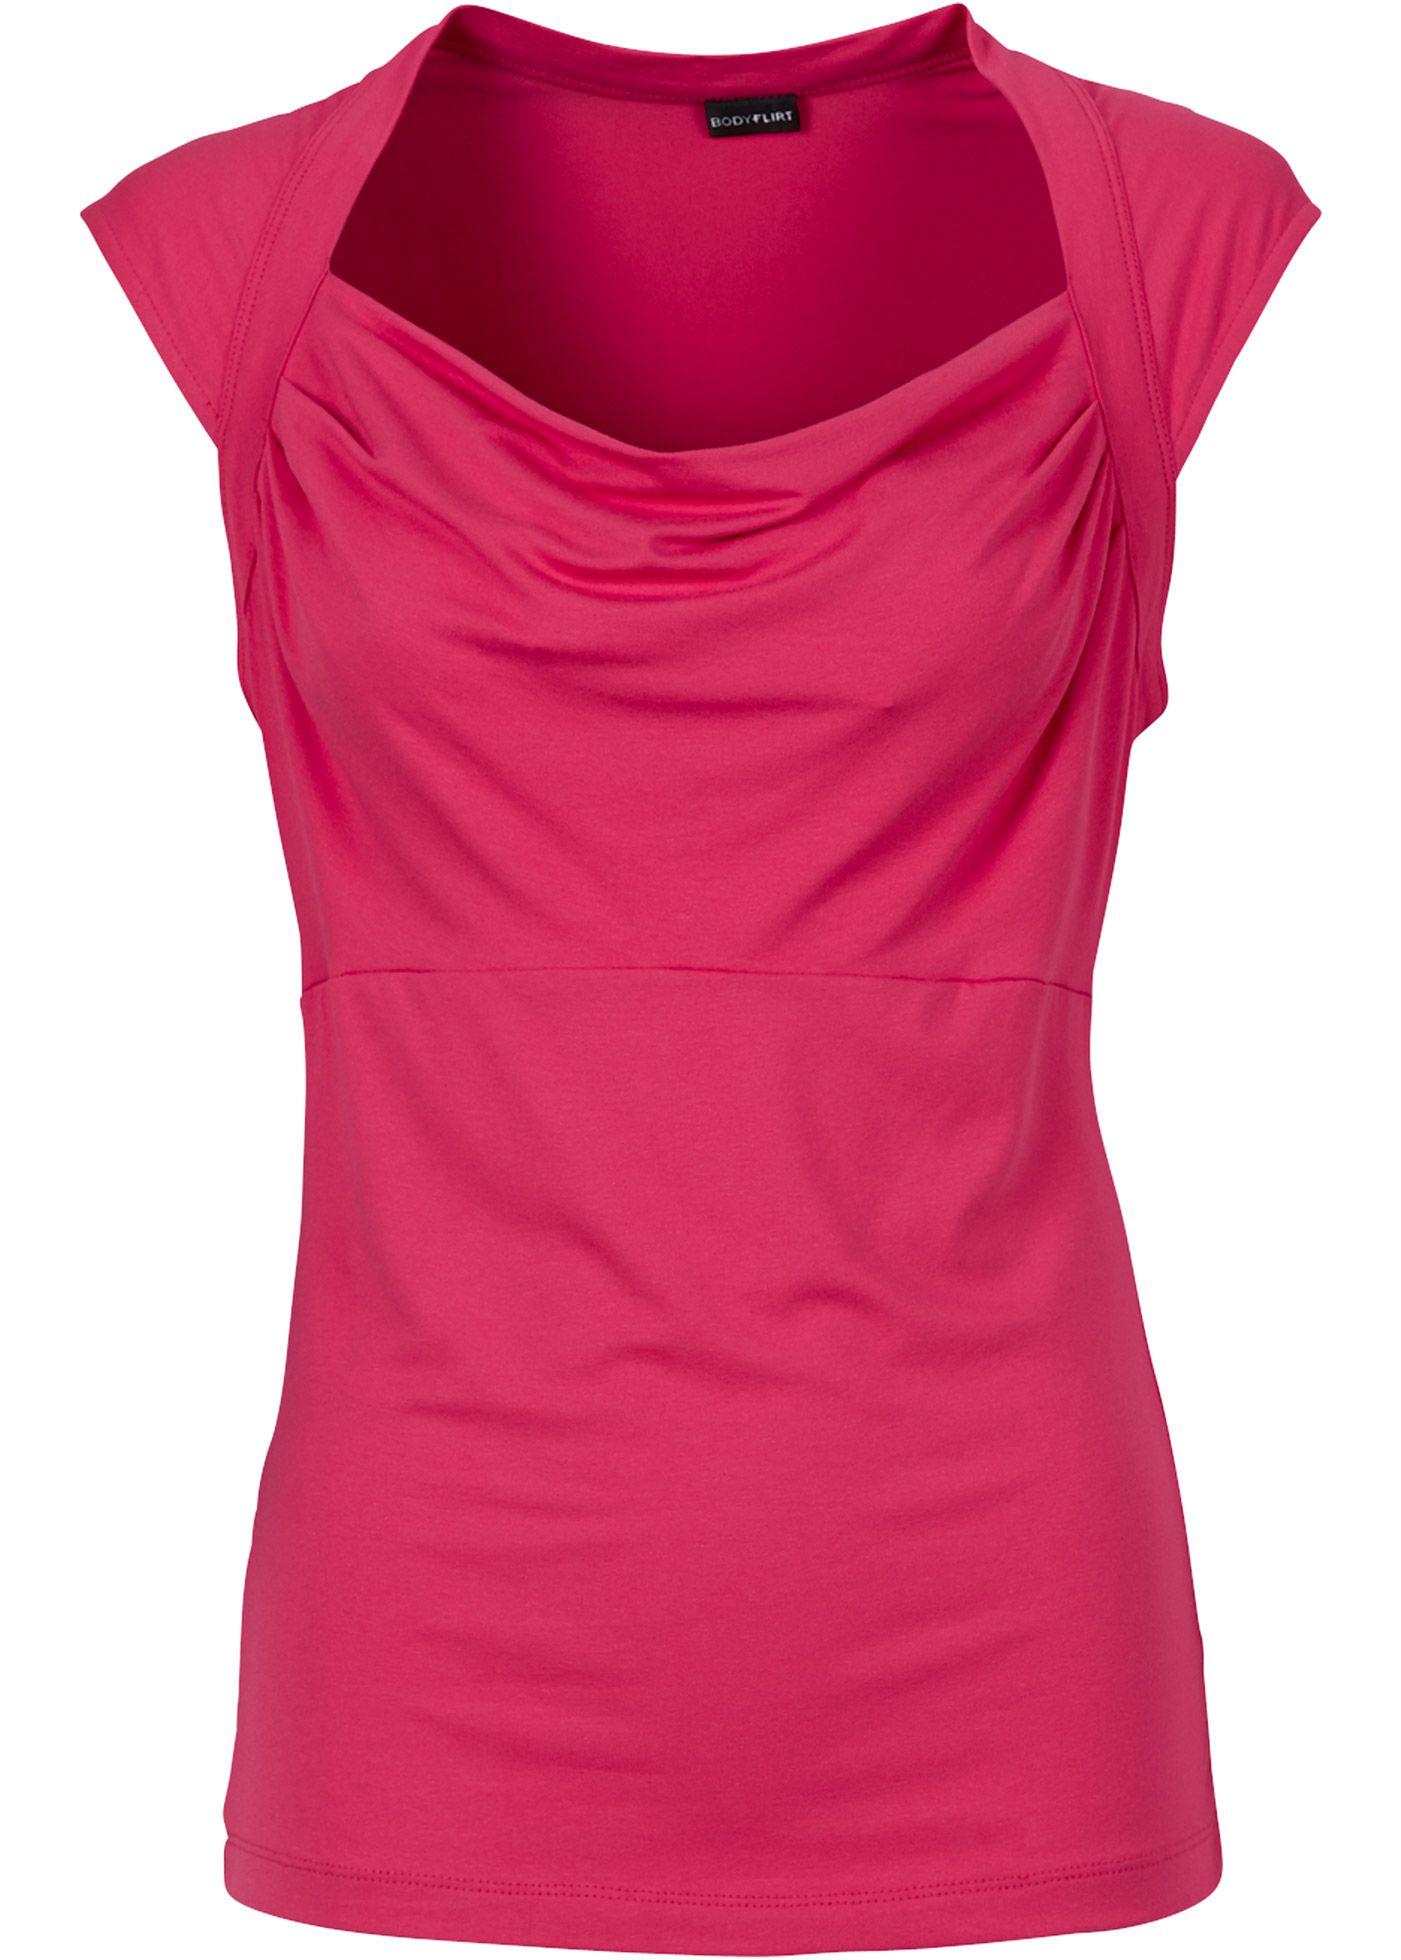 75ce4008d2 Blusa pink escuro encomendar agora na loja on-line bonprix.de R  42 ...